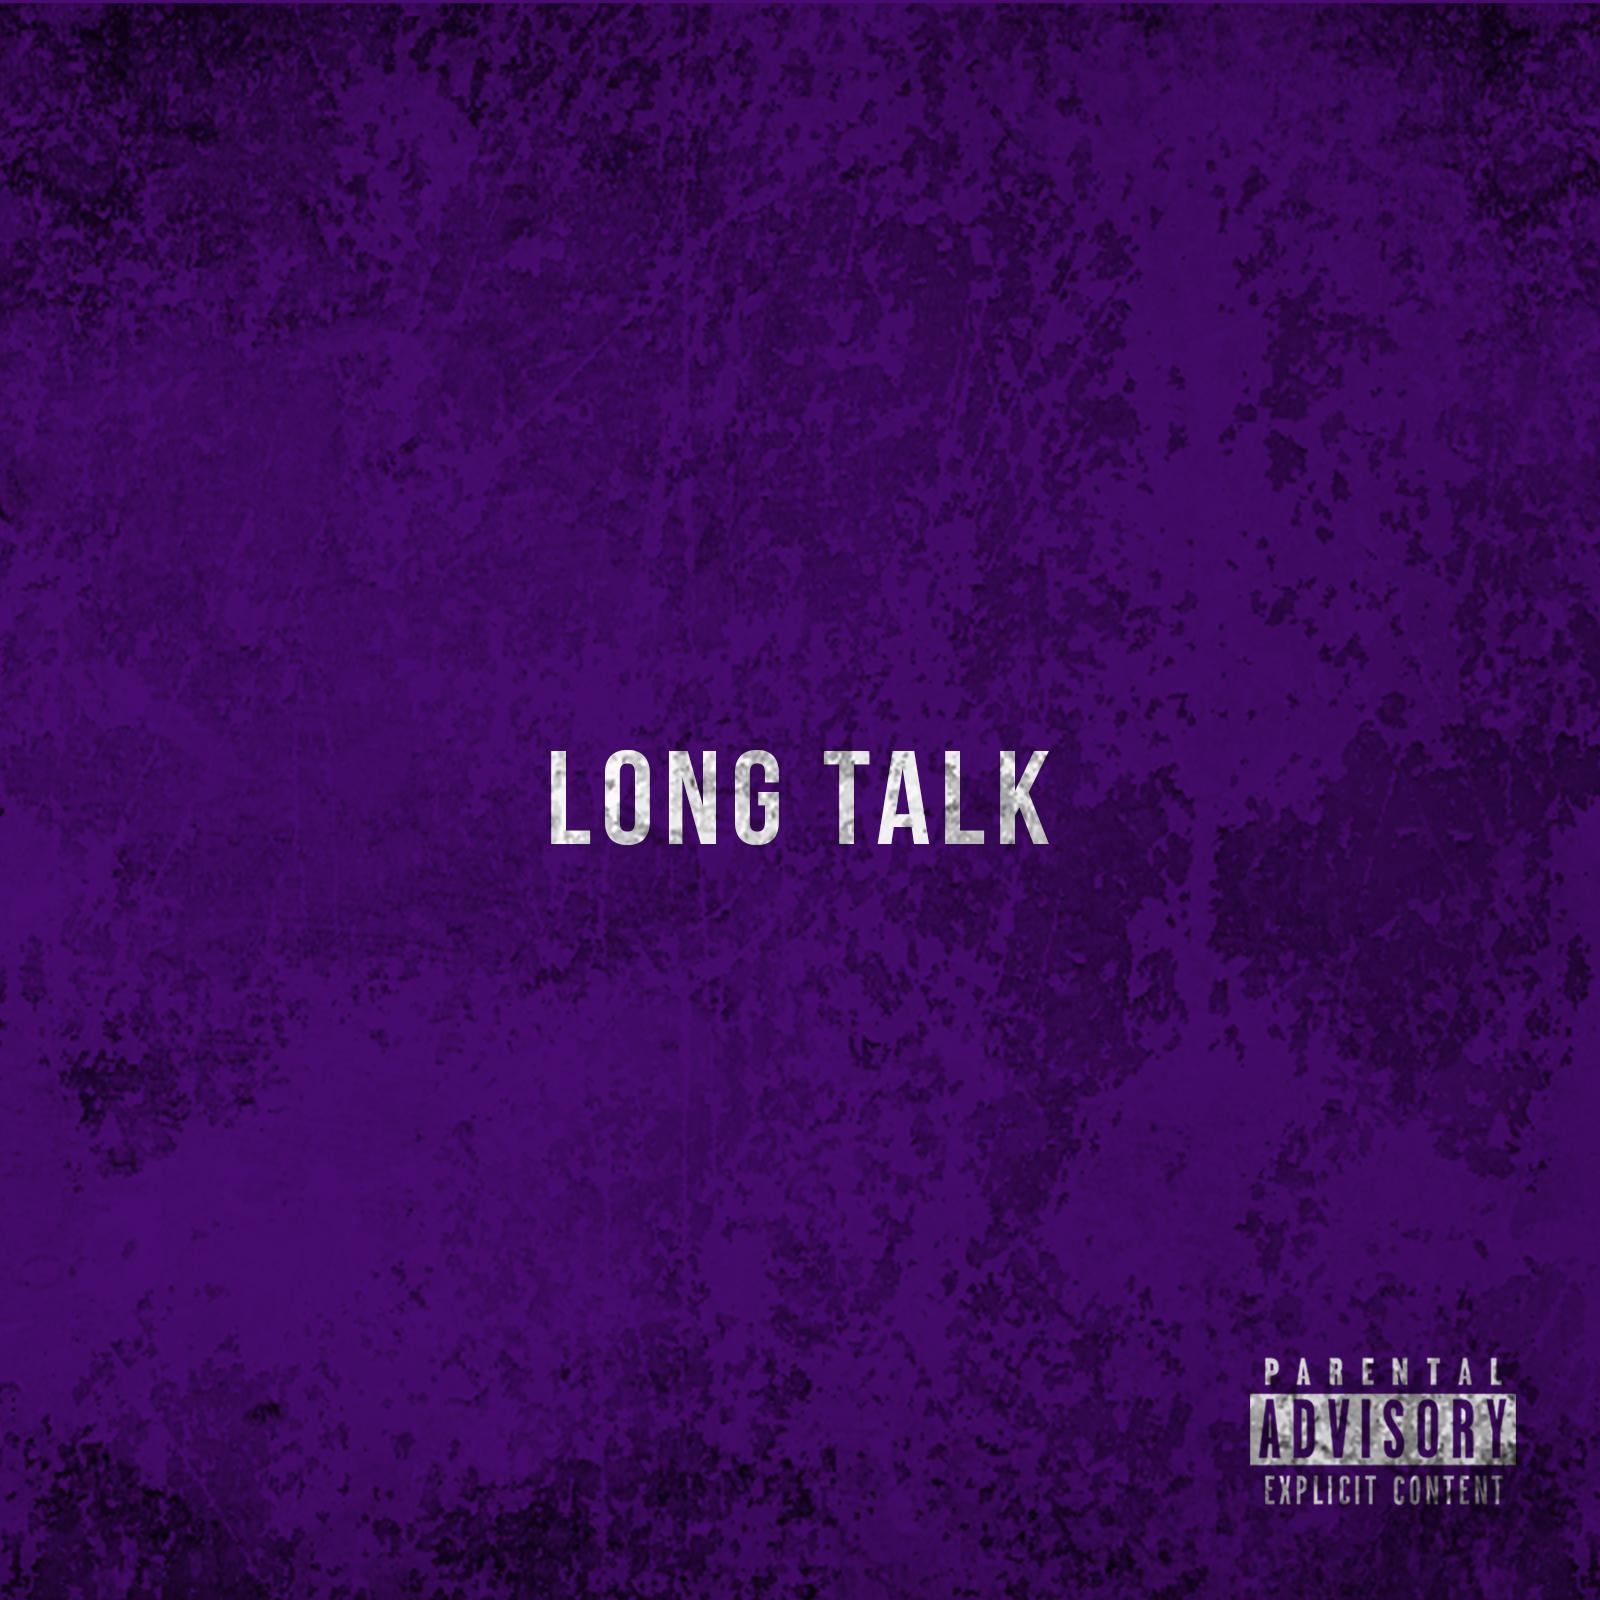 Long Talk - by Leezy